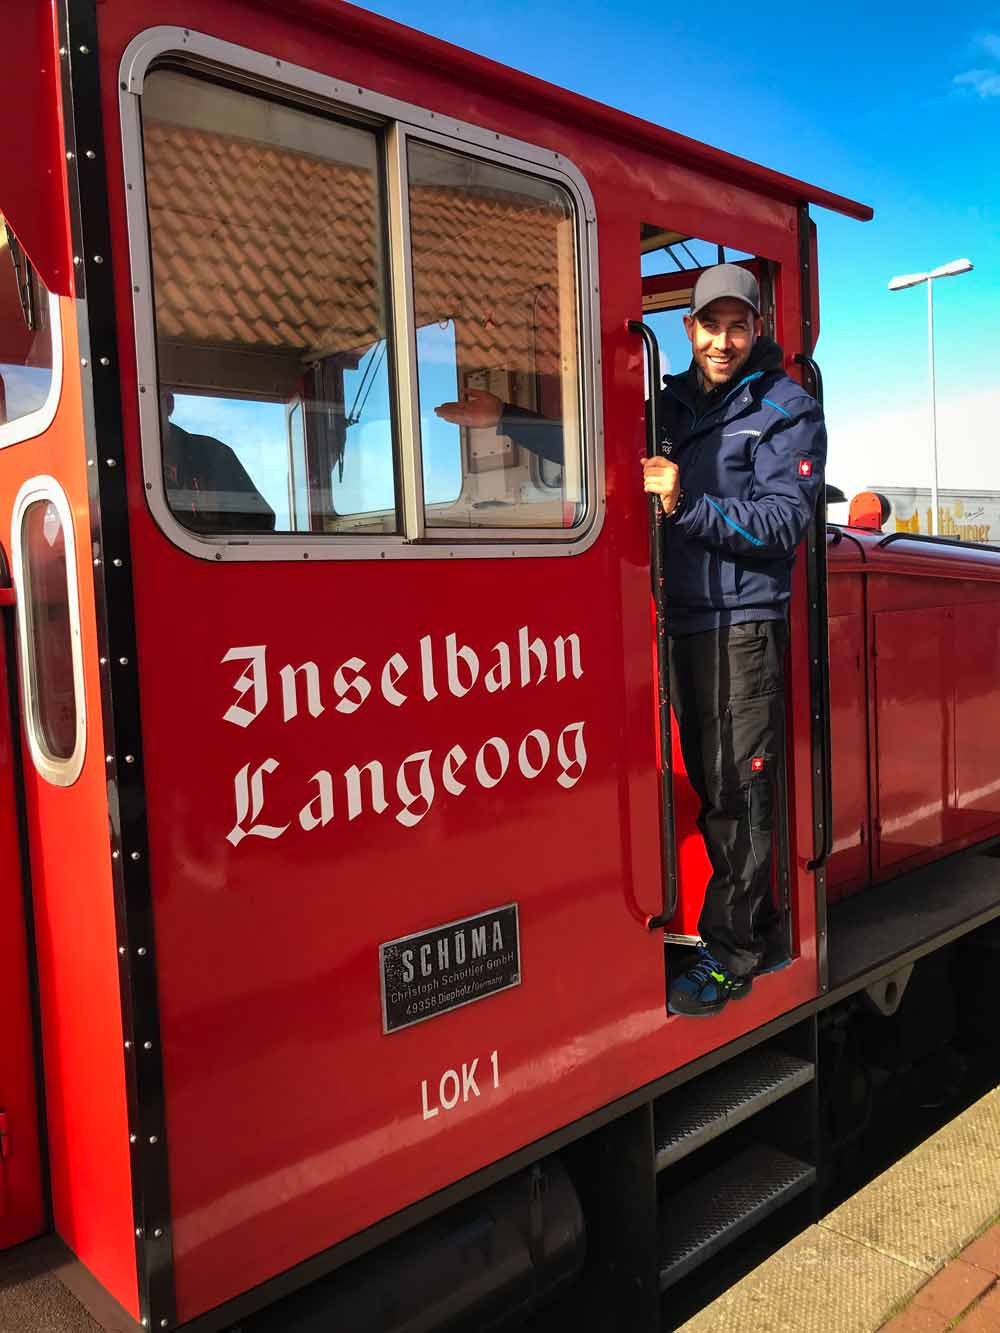 Langeoog, Fährte, Karte, Sehenswürdigkeiten, Wetter, News, Inselbahn, Veranstaltungen, Bilder, Nordsee, Reiseführer, Tipps